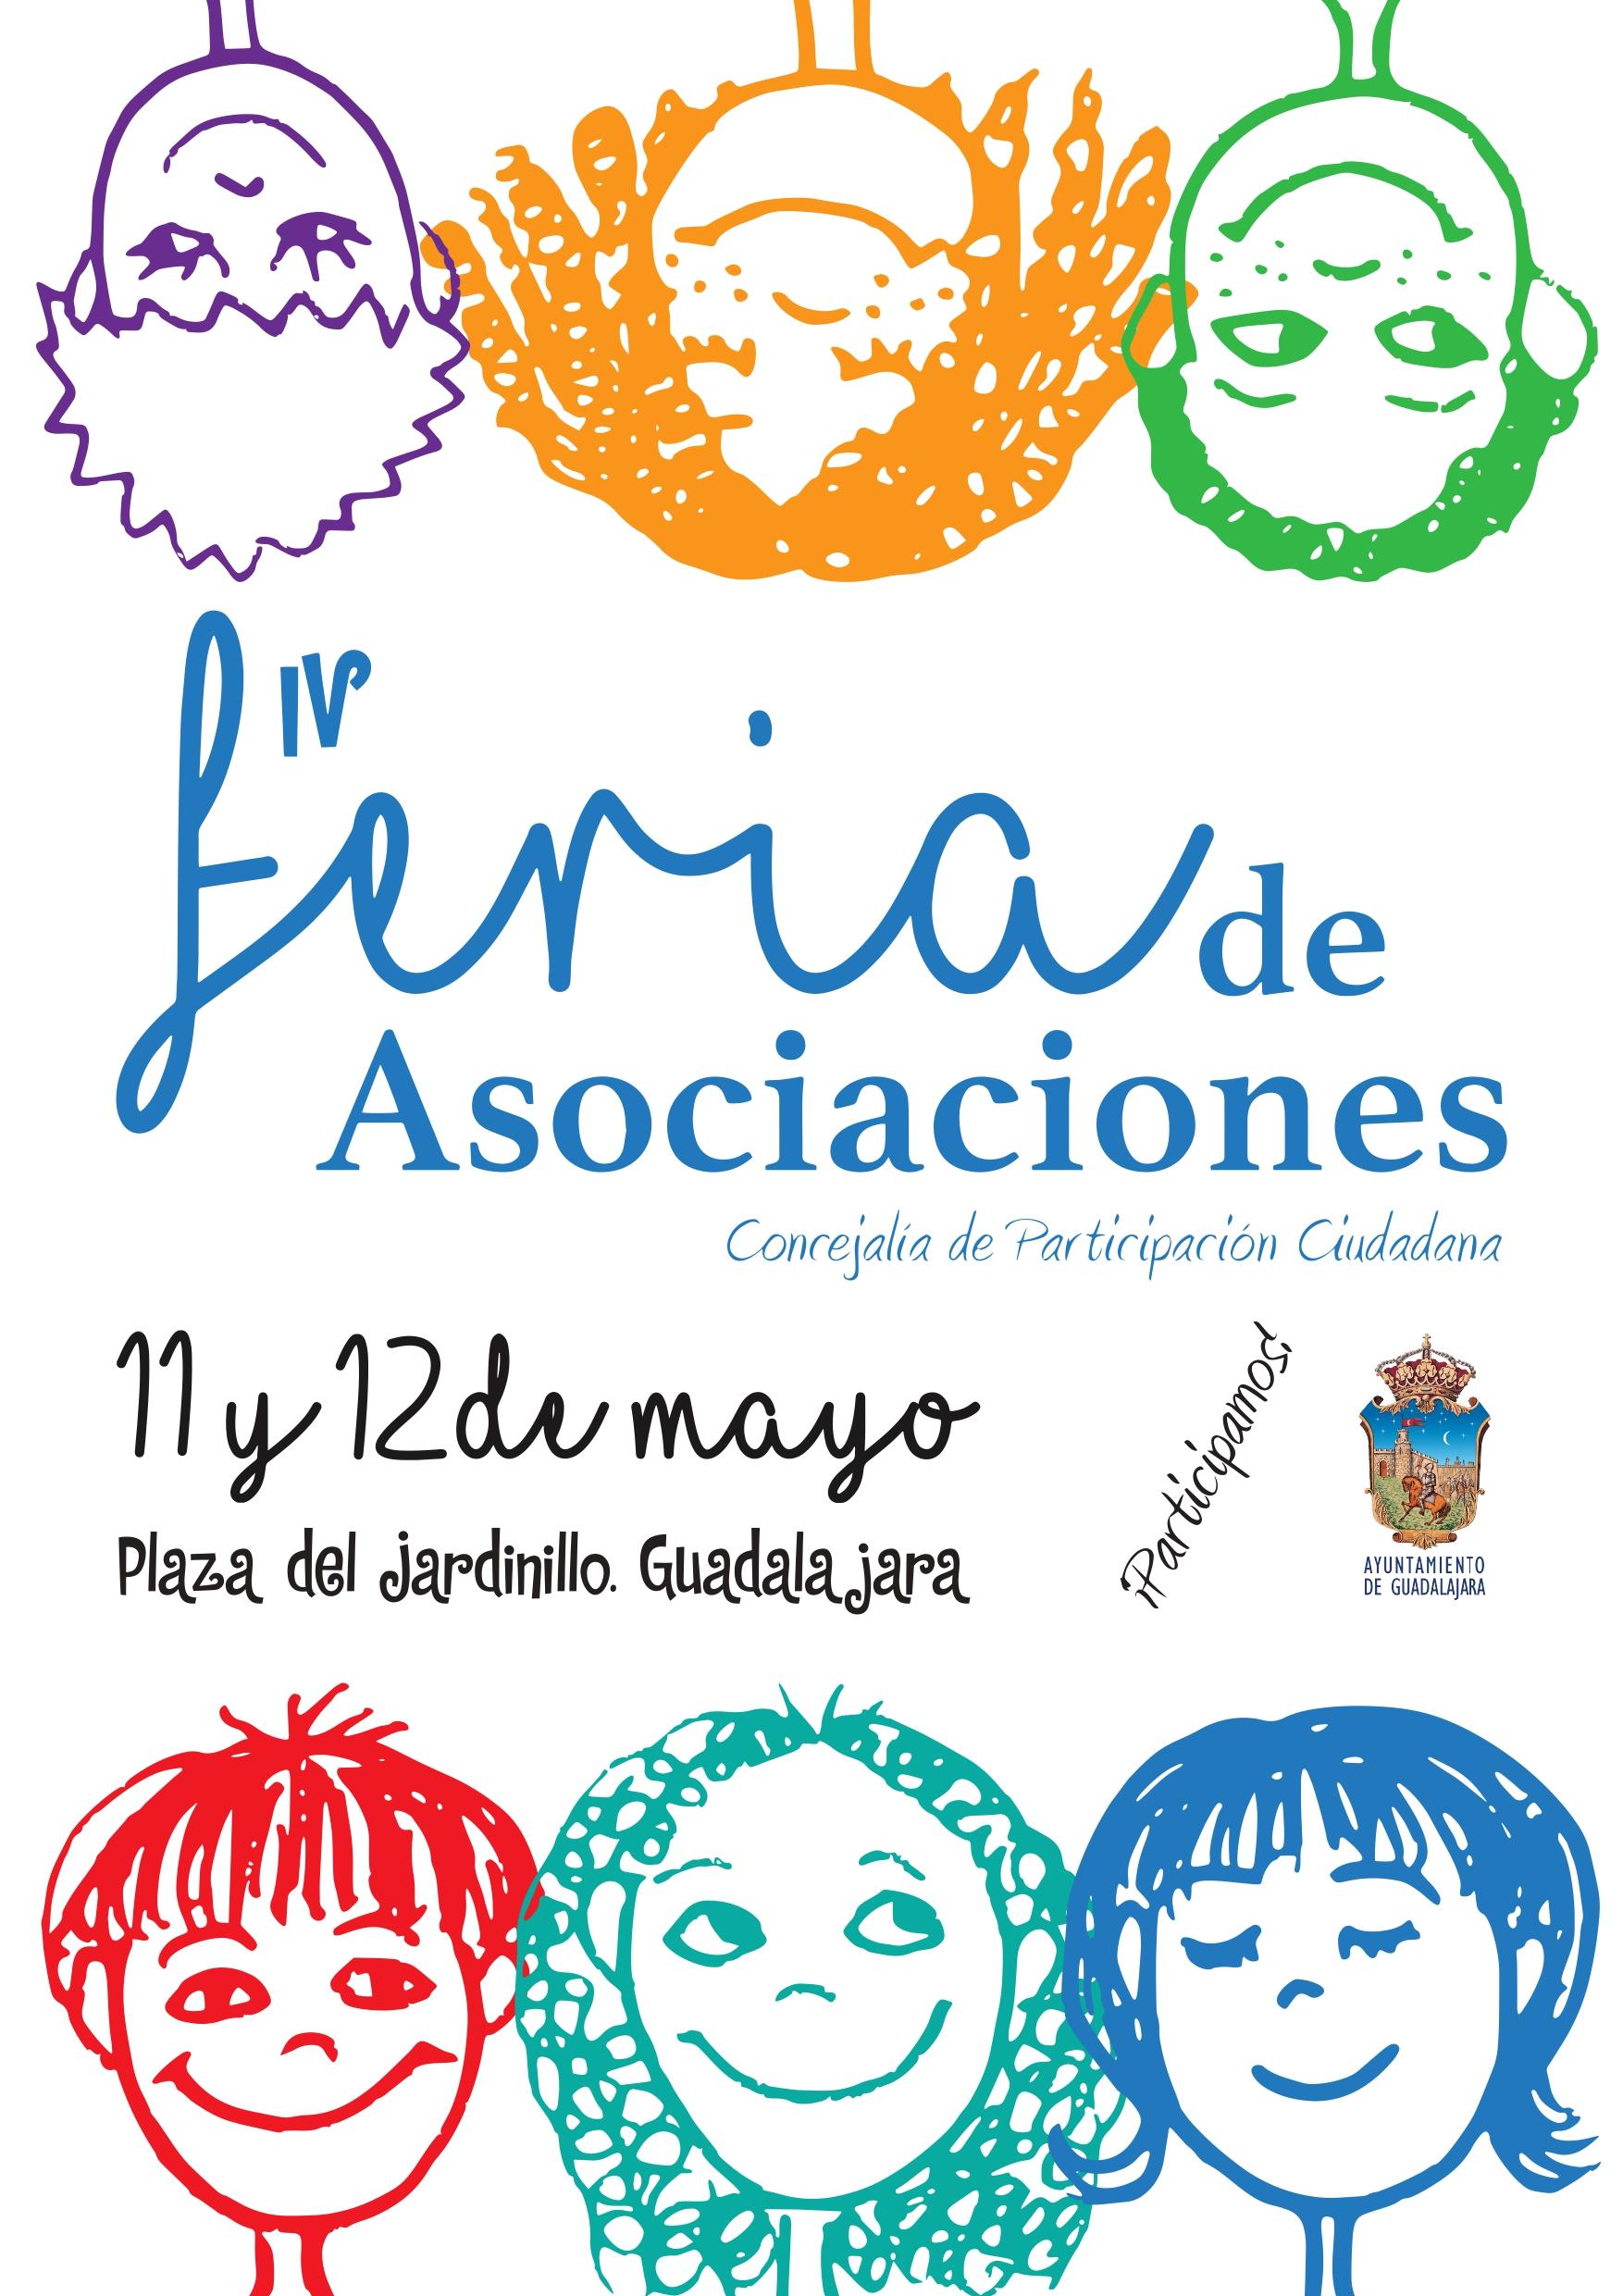 46 asociaciones ciudadanas participan este año en la 4ª edición de la Feria de las Asociaciones